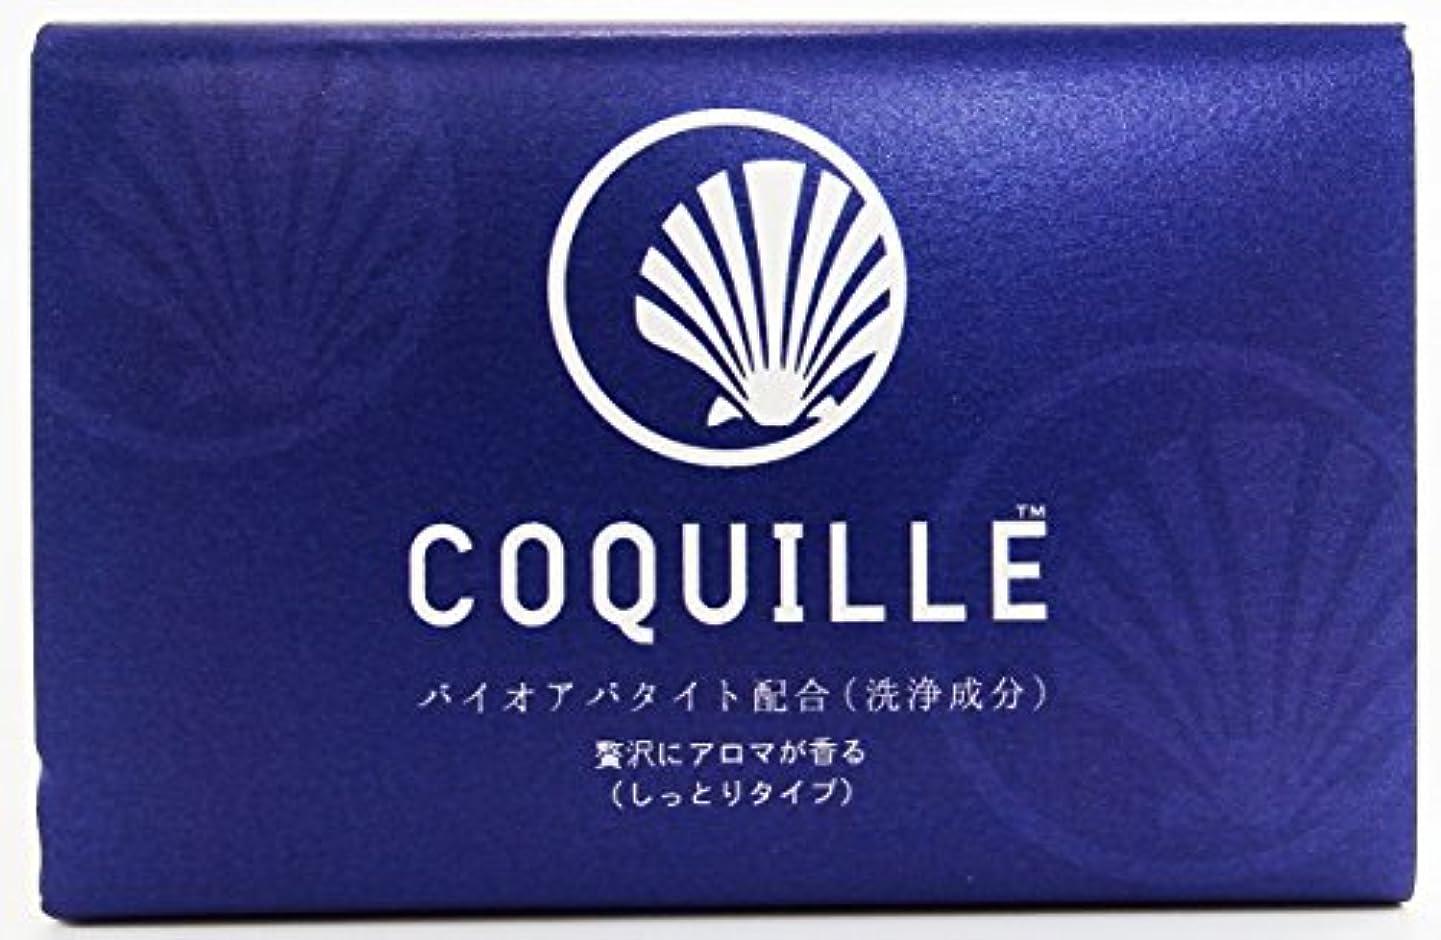 恐れ例ハイライトコキーユ ピュアソープアロマ90g (しっとりタイプ)